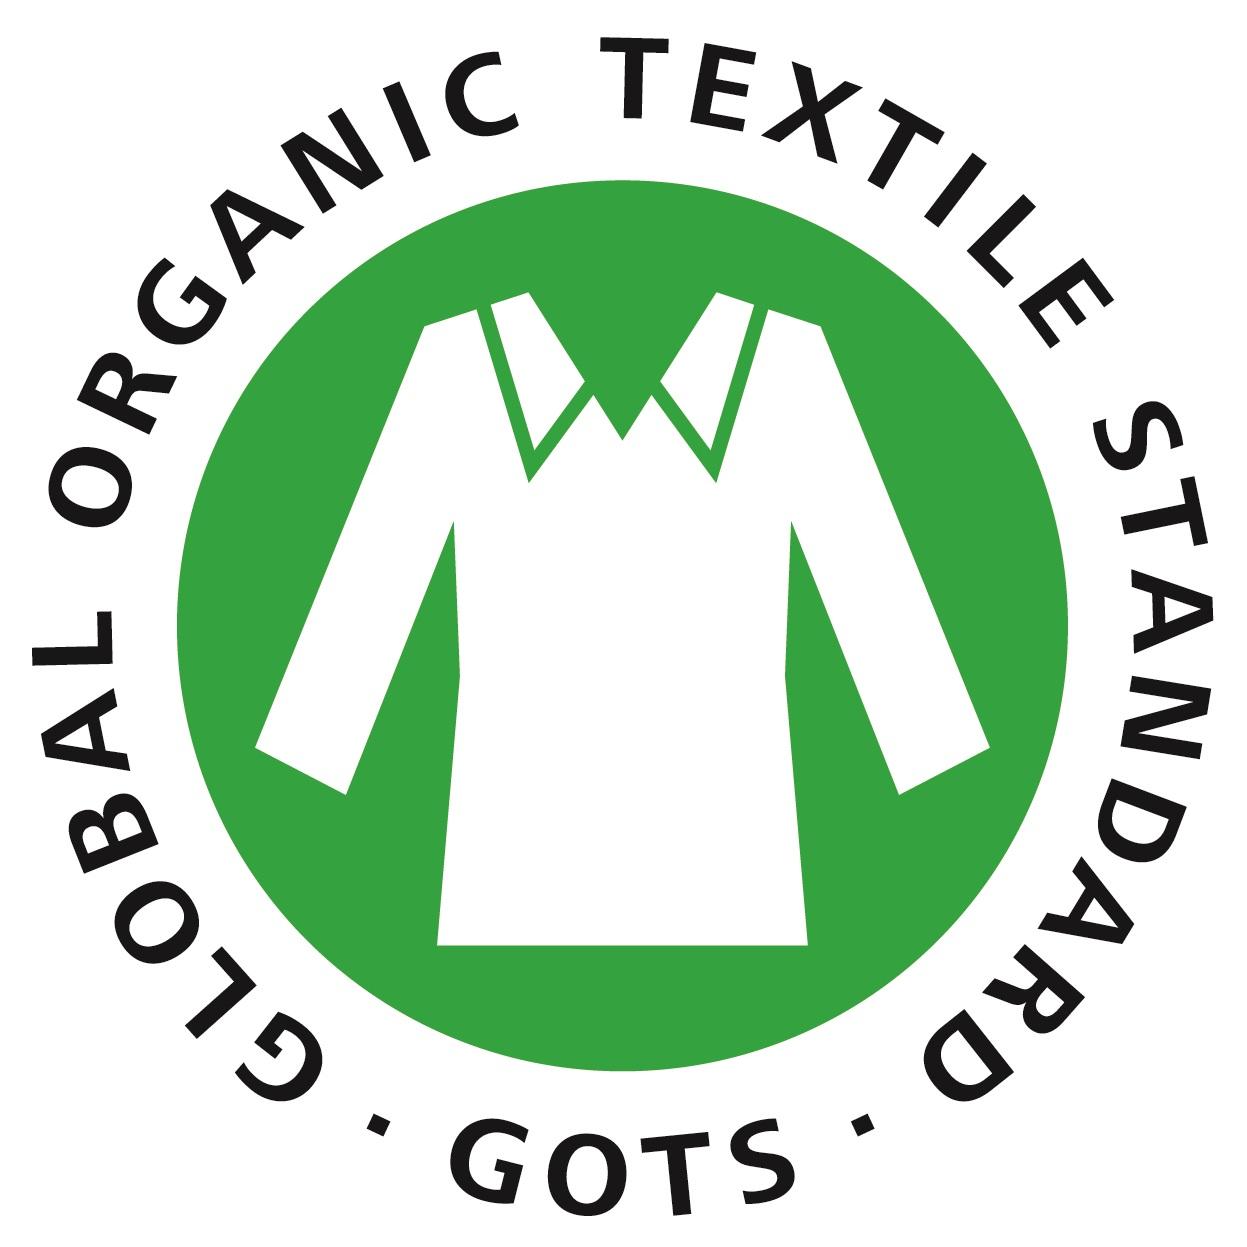 Certificeringer tøj tekstiler